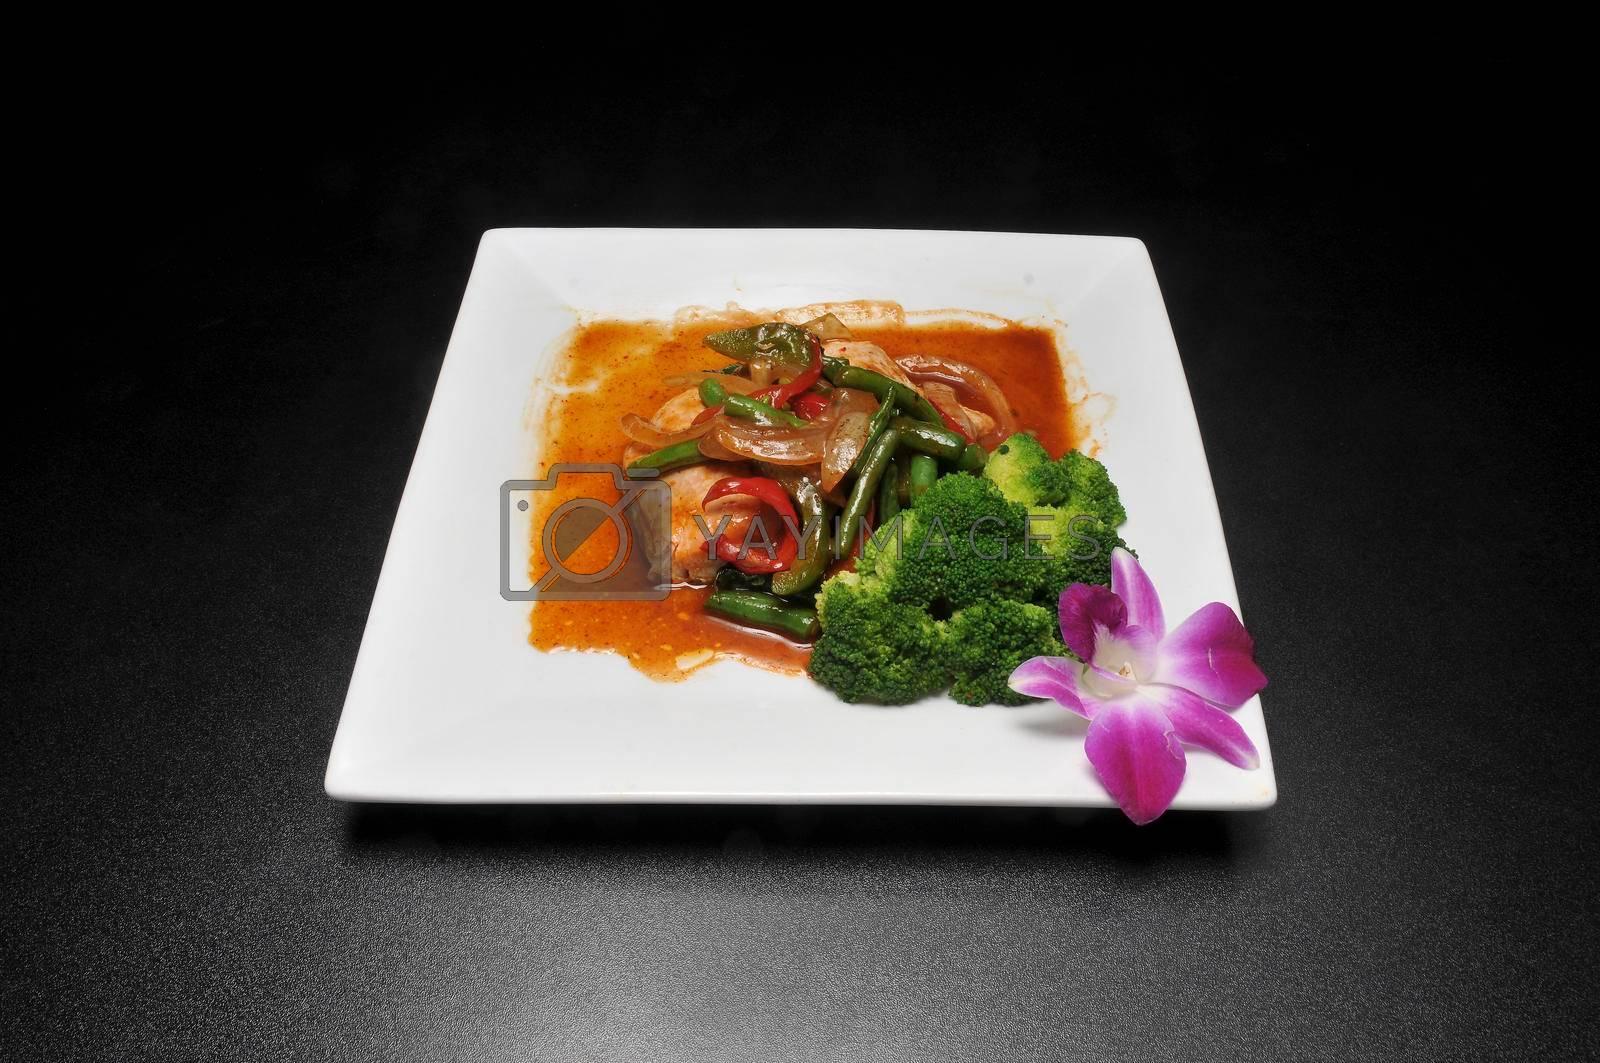 Delicious Thai food known as salmon basil